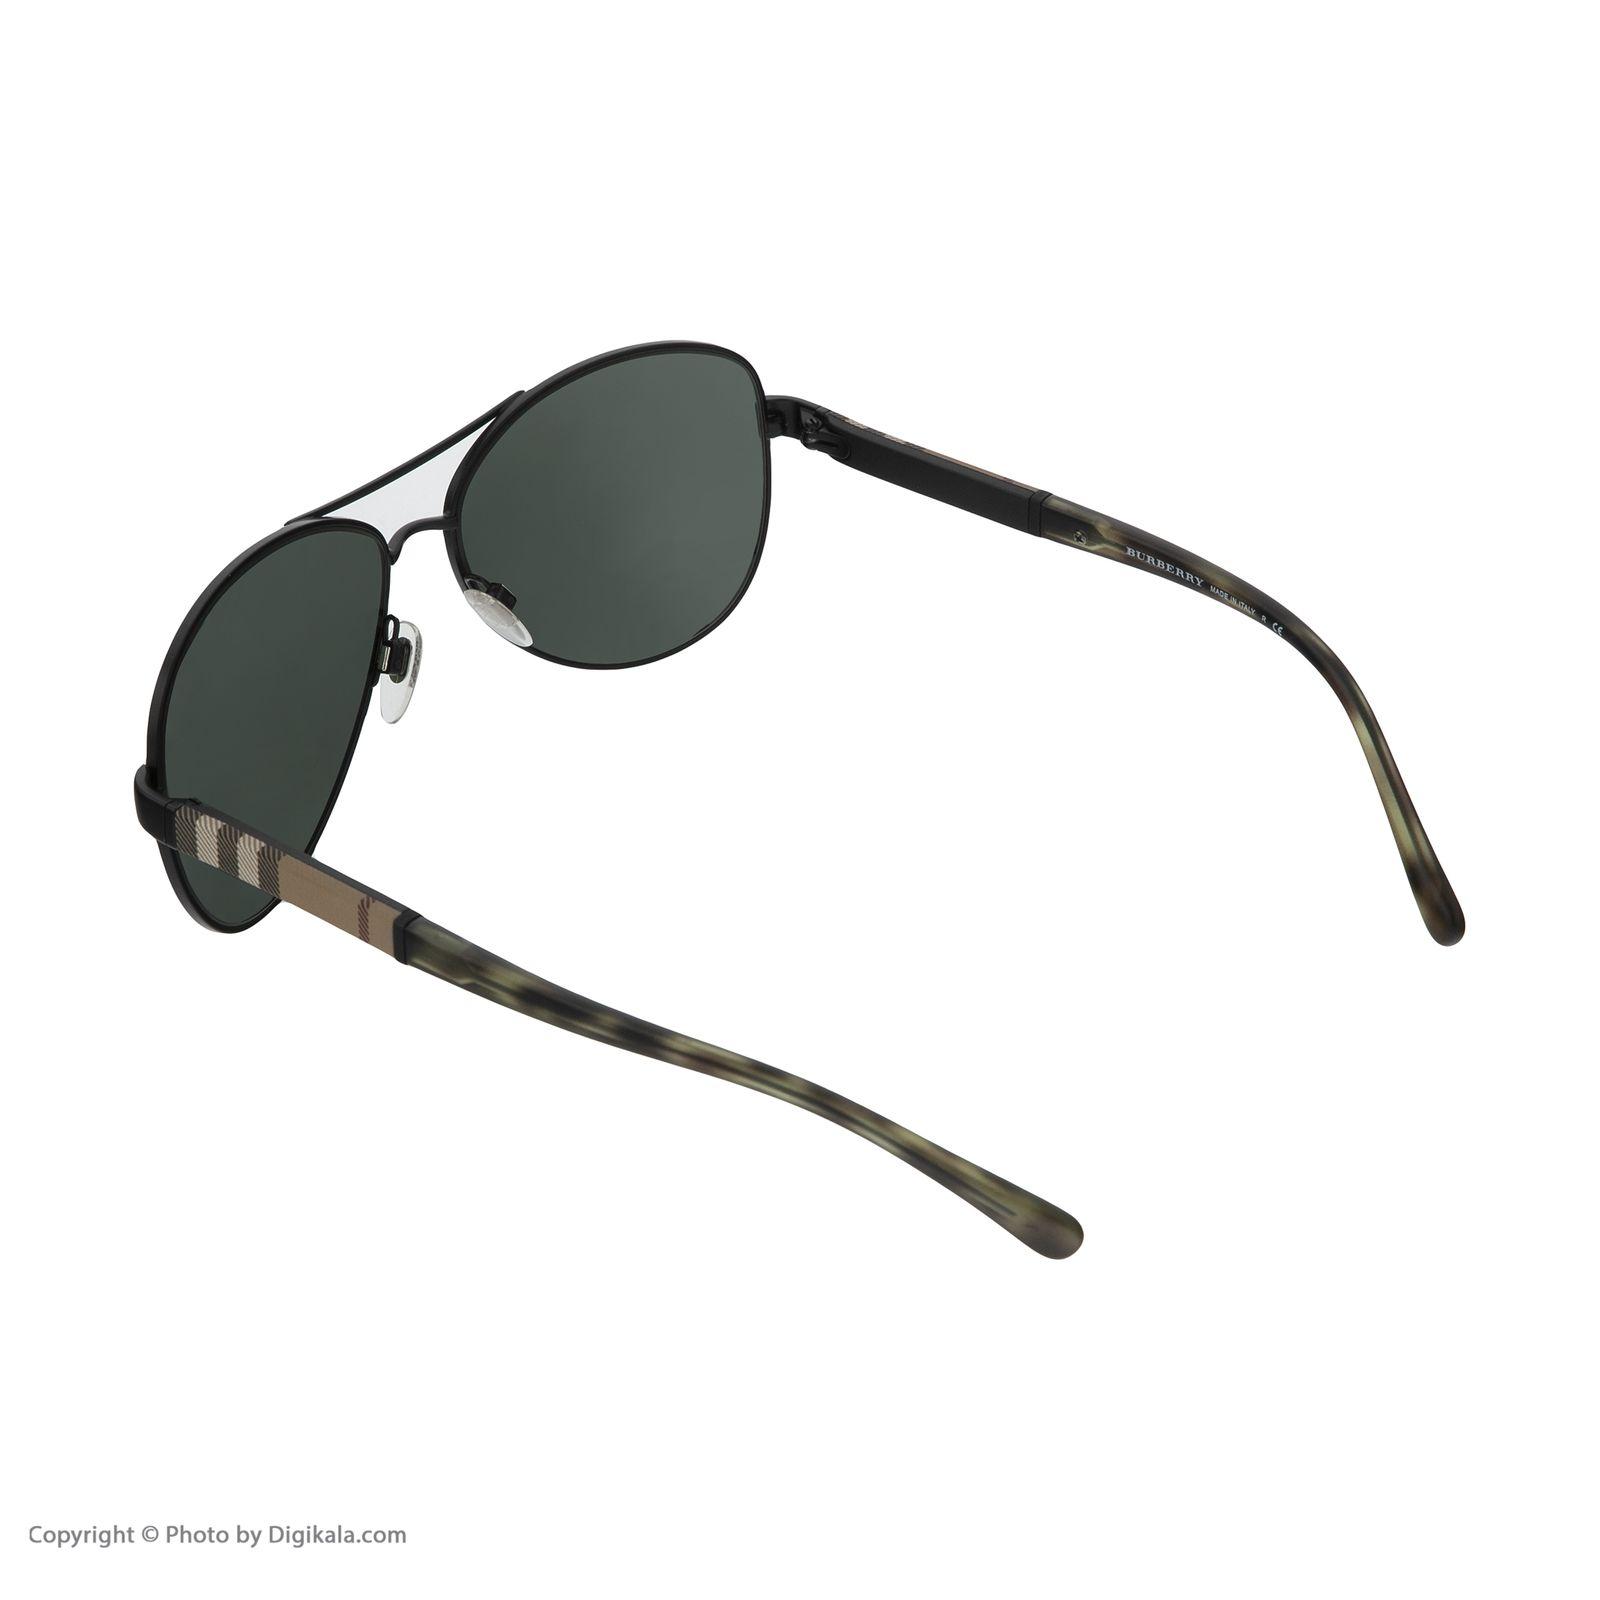 عینک آفتابی زنانه بربری مدل BE 3080S 123371 59 -  - 5